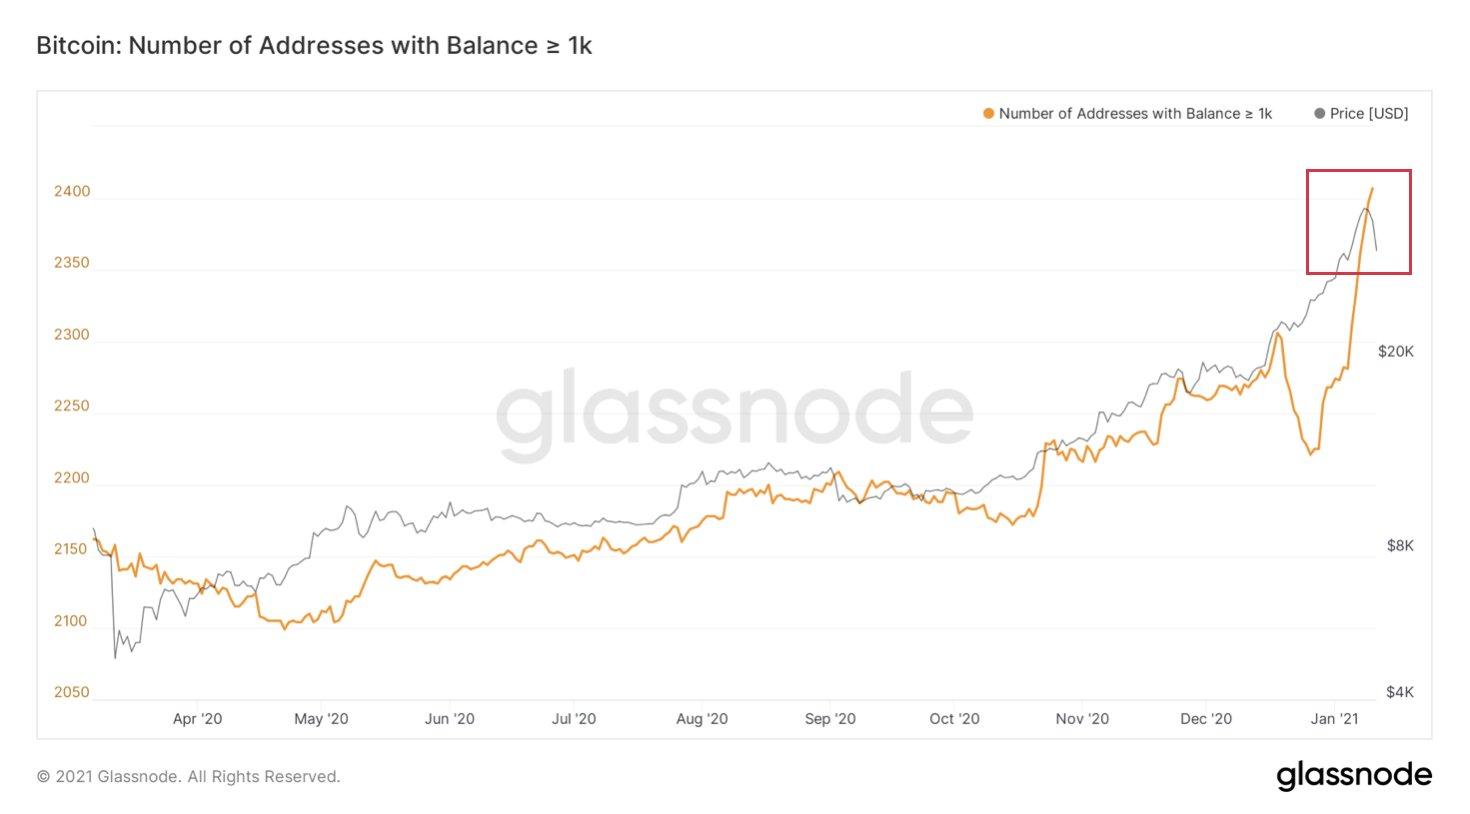 Grafico delle entità in Bitcoin con un saldo più grande di 1.000 BTC